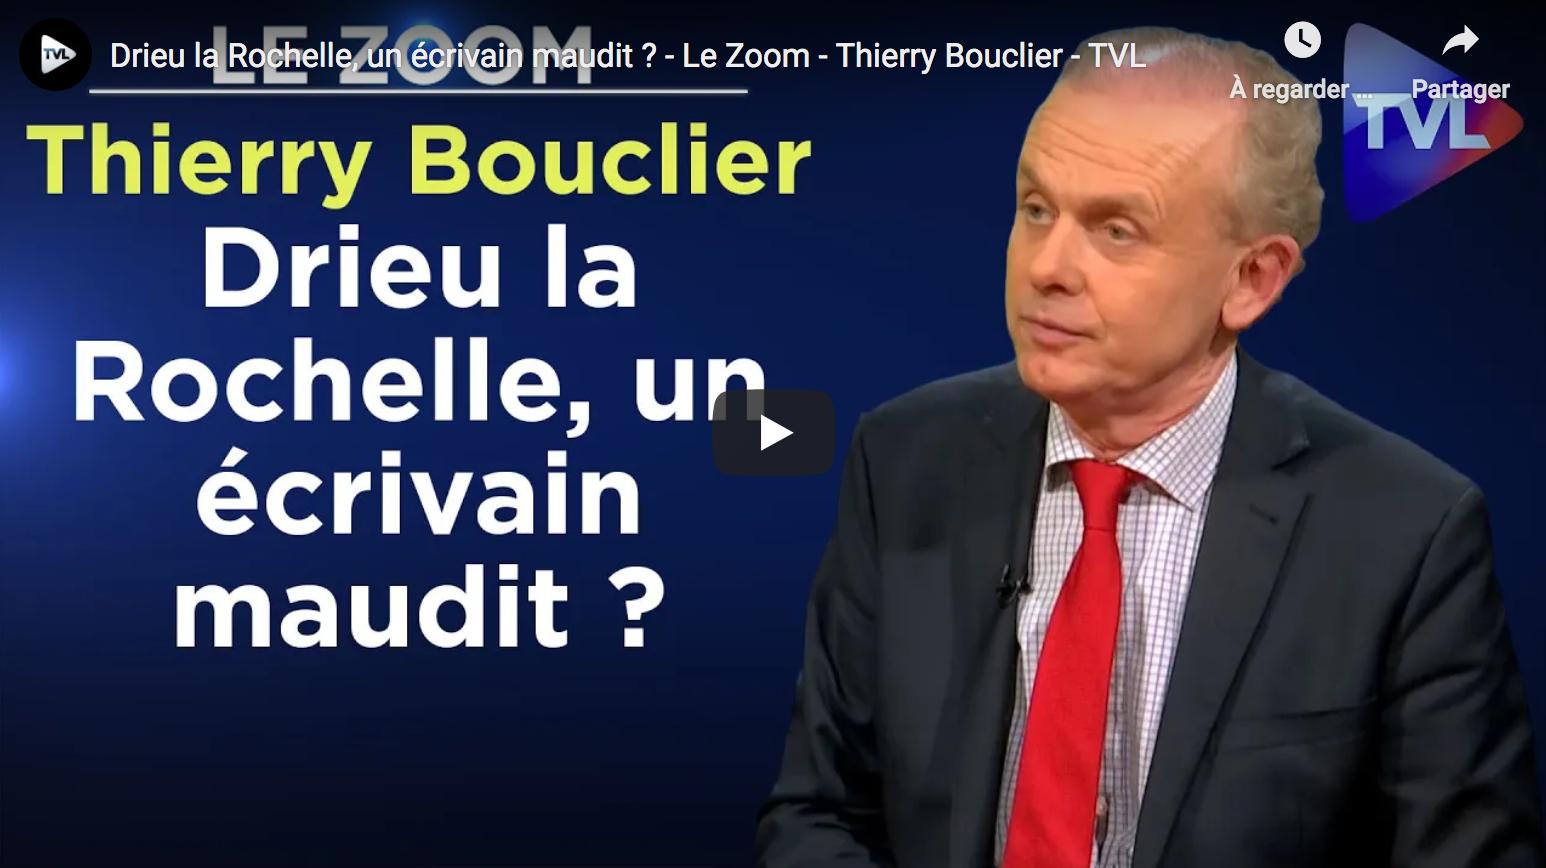 Drieu la Rochelle, un écrivain maudit ? (Thierry Bouclier)